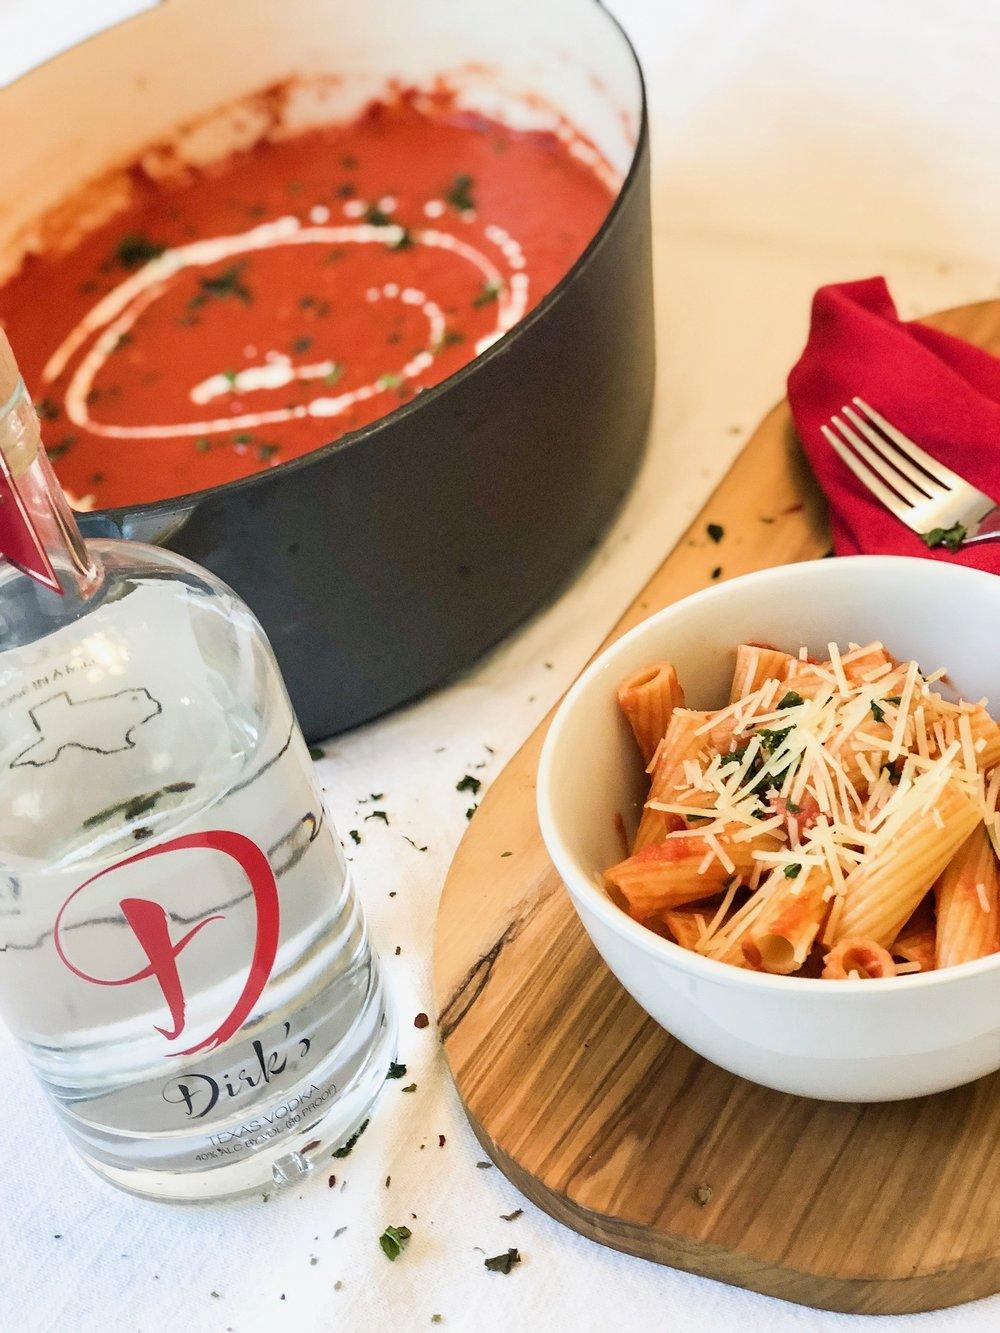 Dirk's Vodka Pasta Sauce